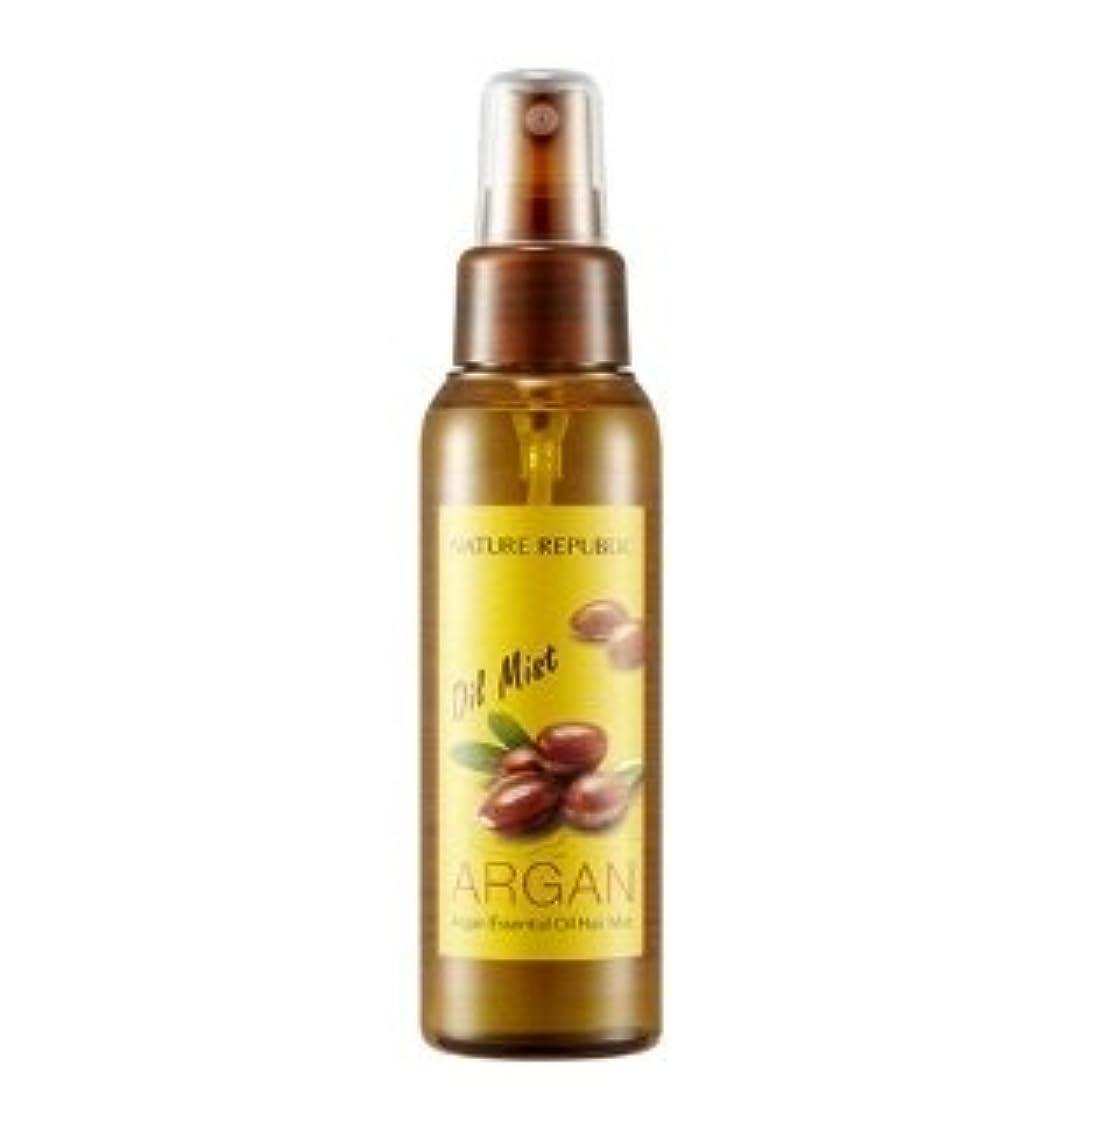 め言葉撤退冷酷なNATURE REPUBLIC Argan Essential Oil Hair Mist 105ml ネイチャーリパブリック アルガンエッセンシャルオイル ヘアミスト [並行輸入品]